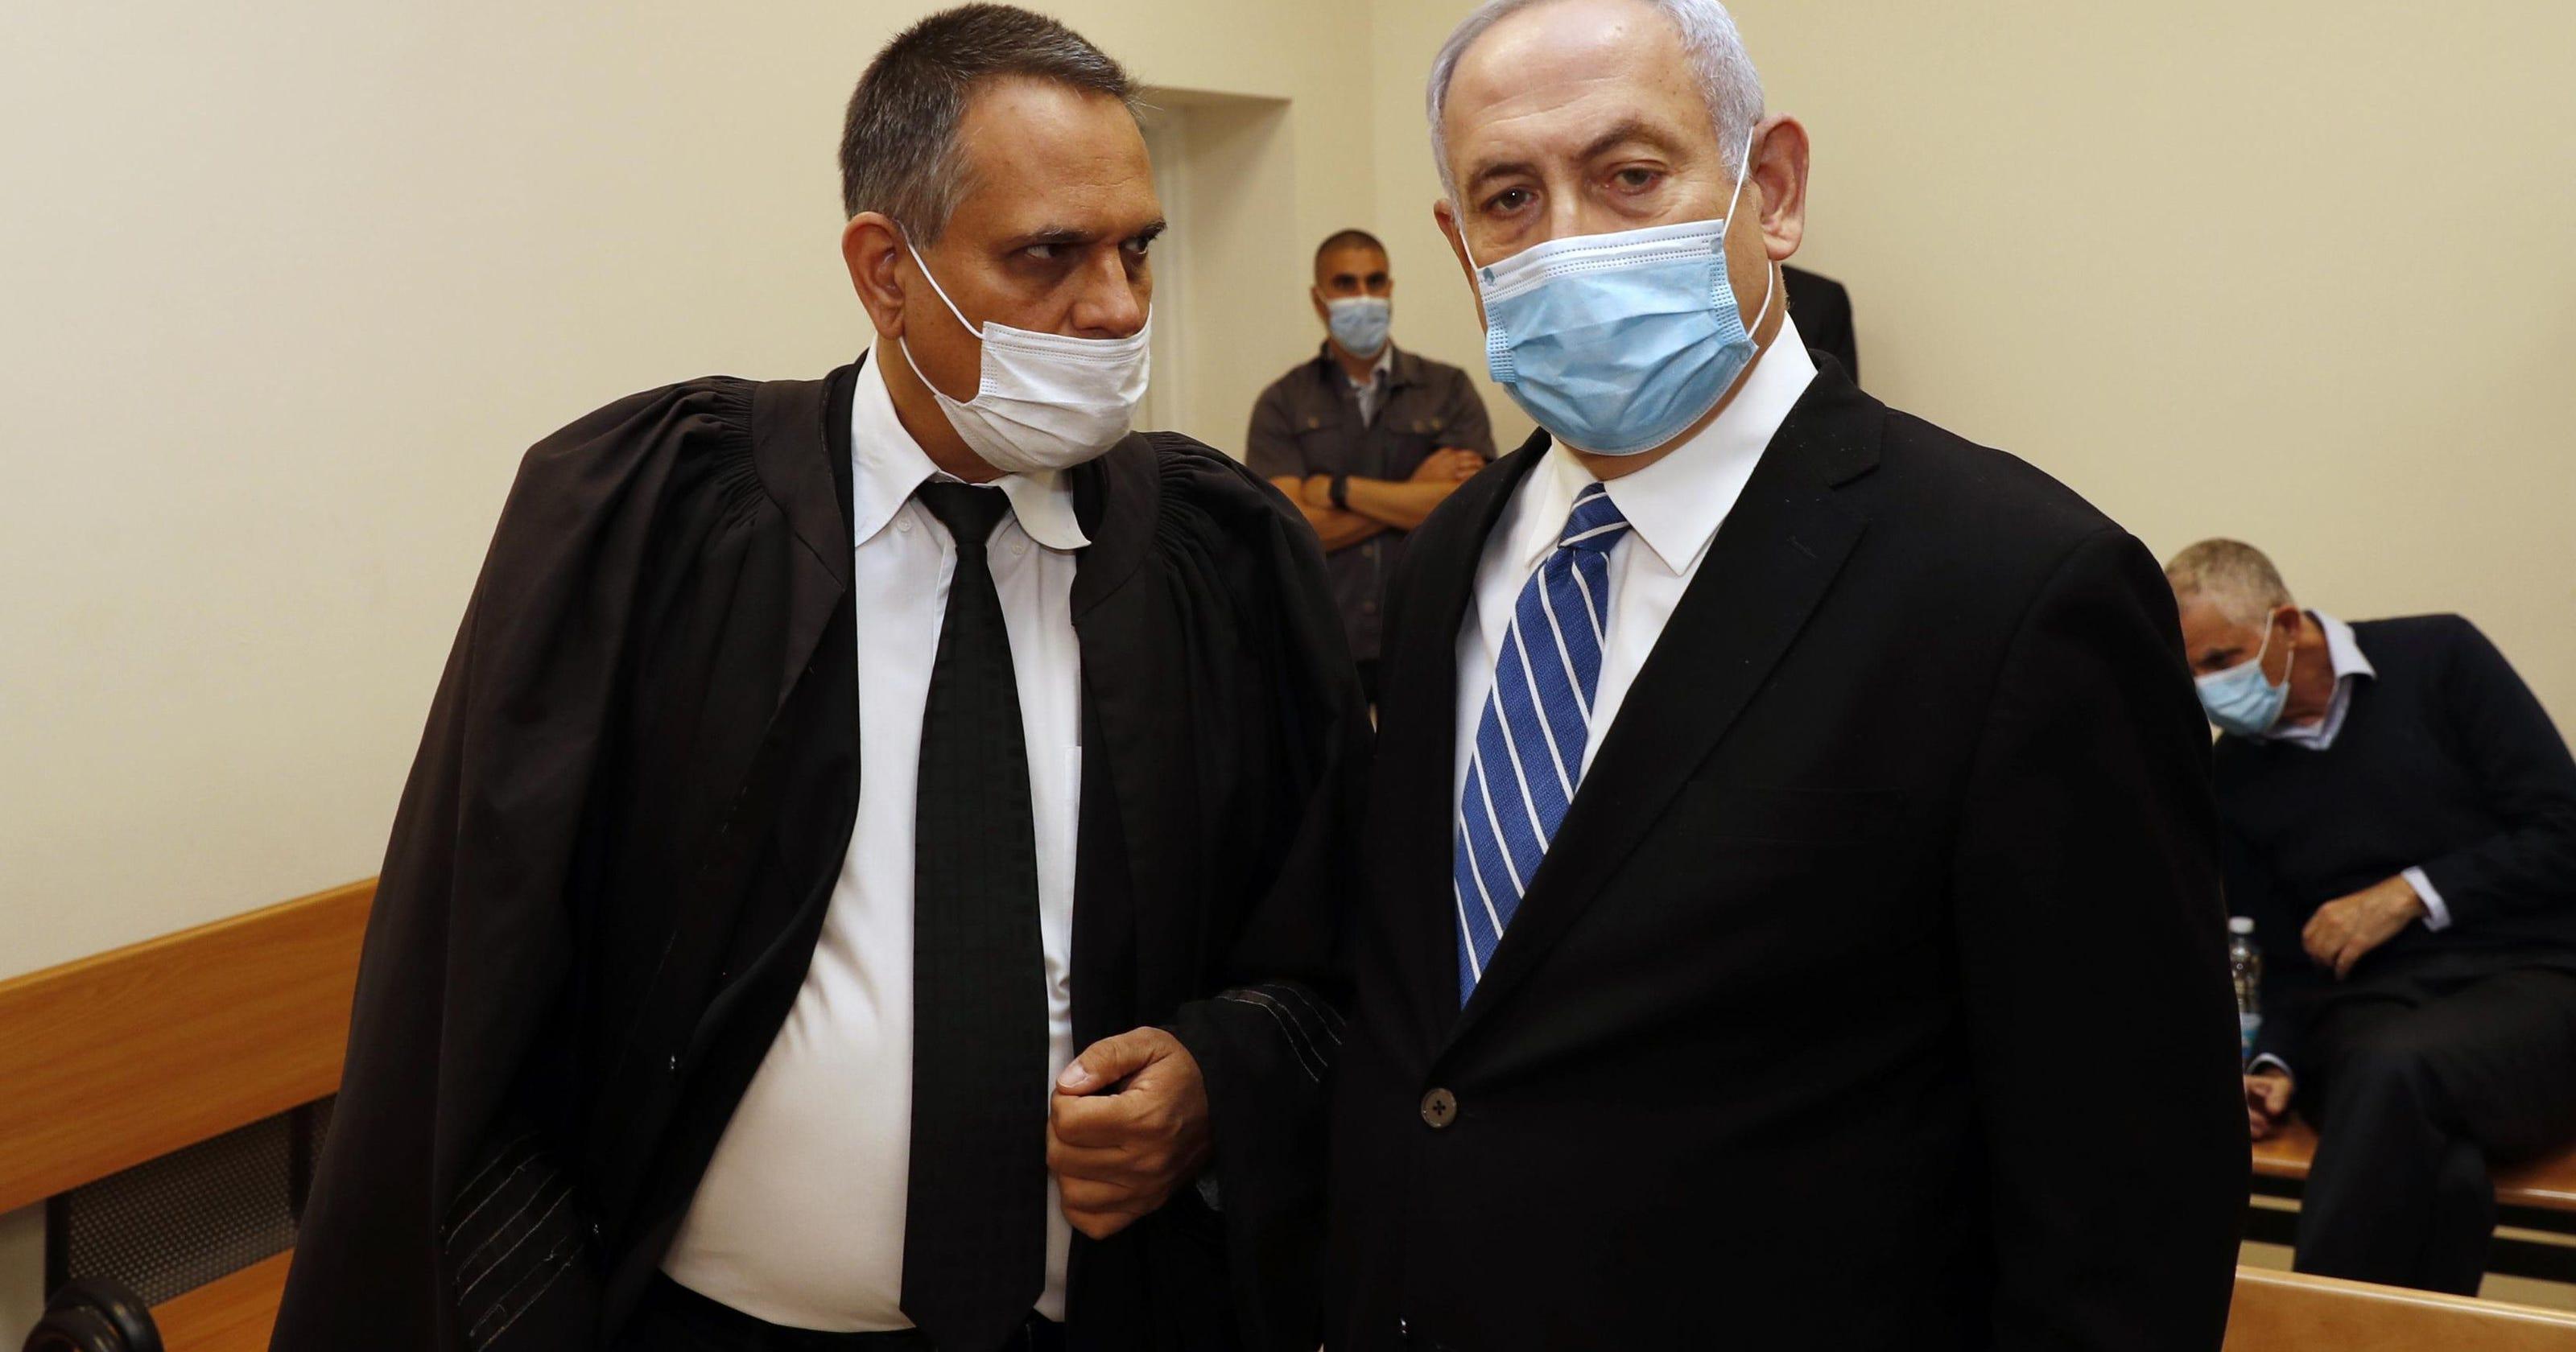 تحديد 19 يوليو المقبل للجلسة القادمة من محاكمة نتنياهو بتهم الفساد